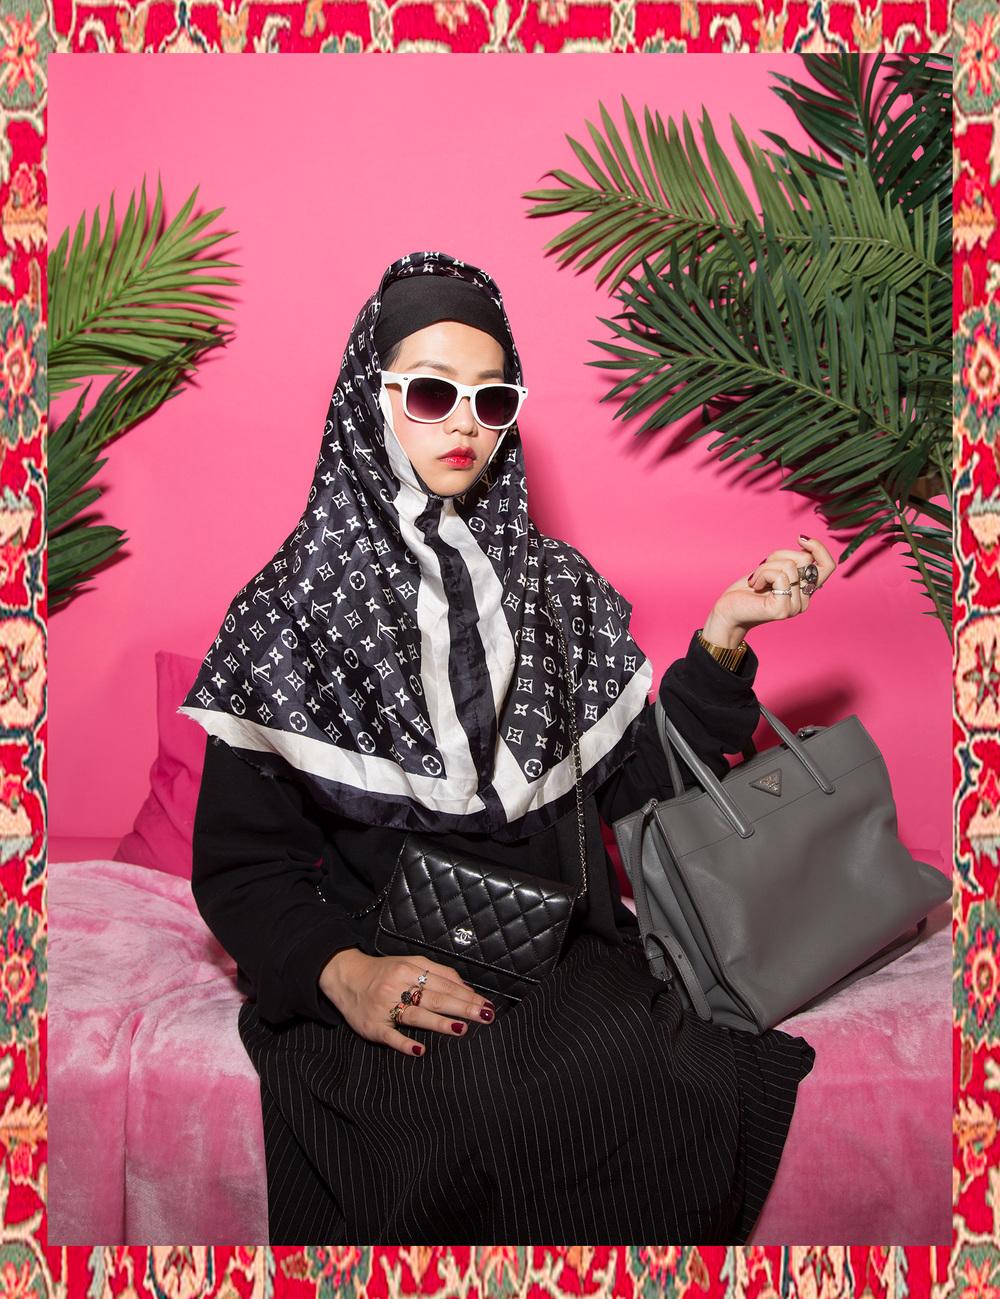 Muslim Girls_1 , 2014 @Hailun Ma